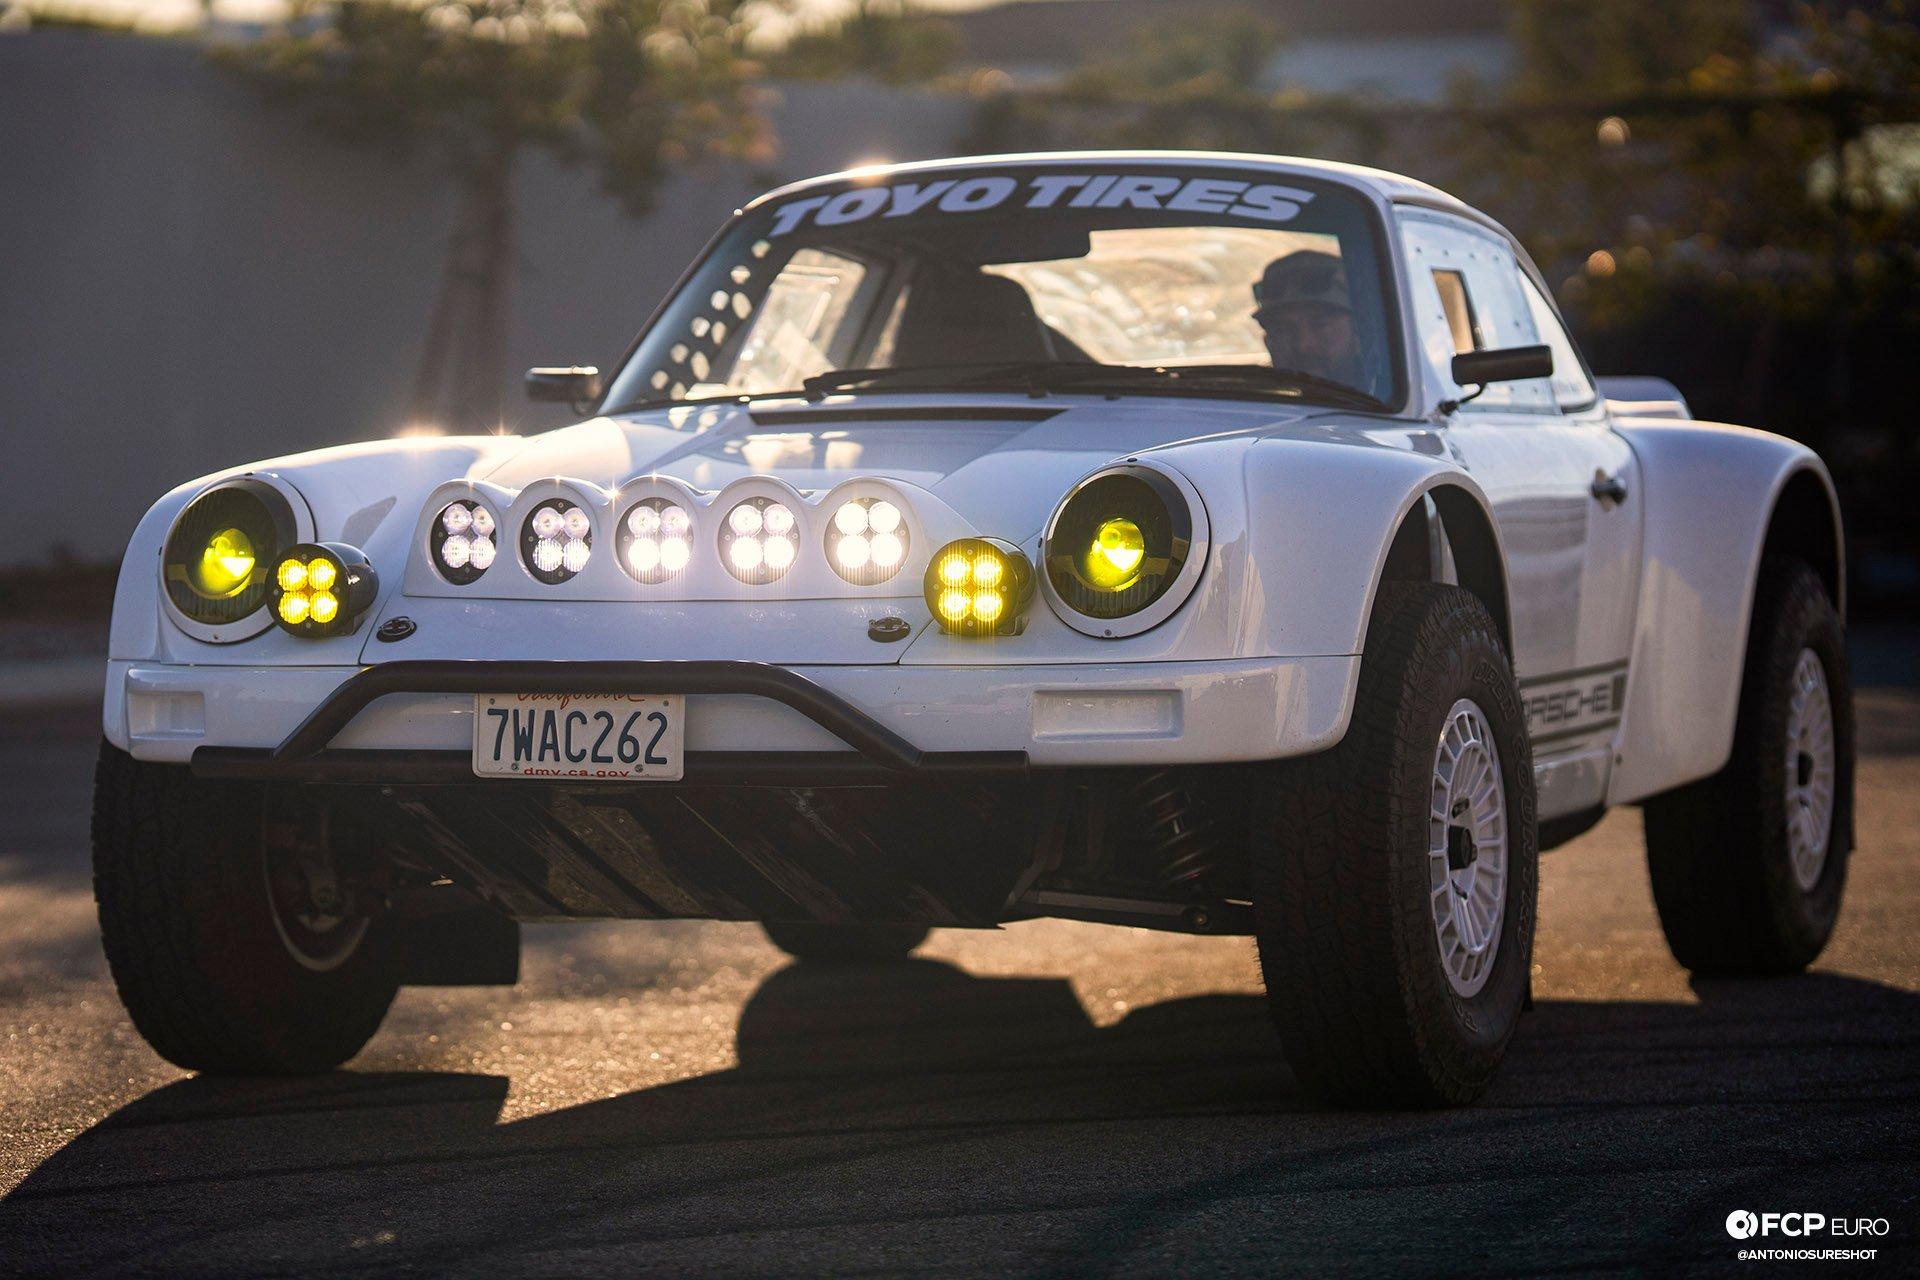 Baja 911 TJ Russell Porsche Carrera 4 EOSR4335